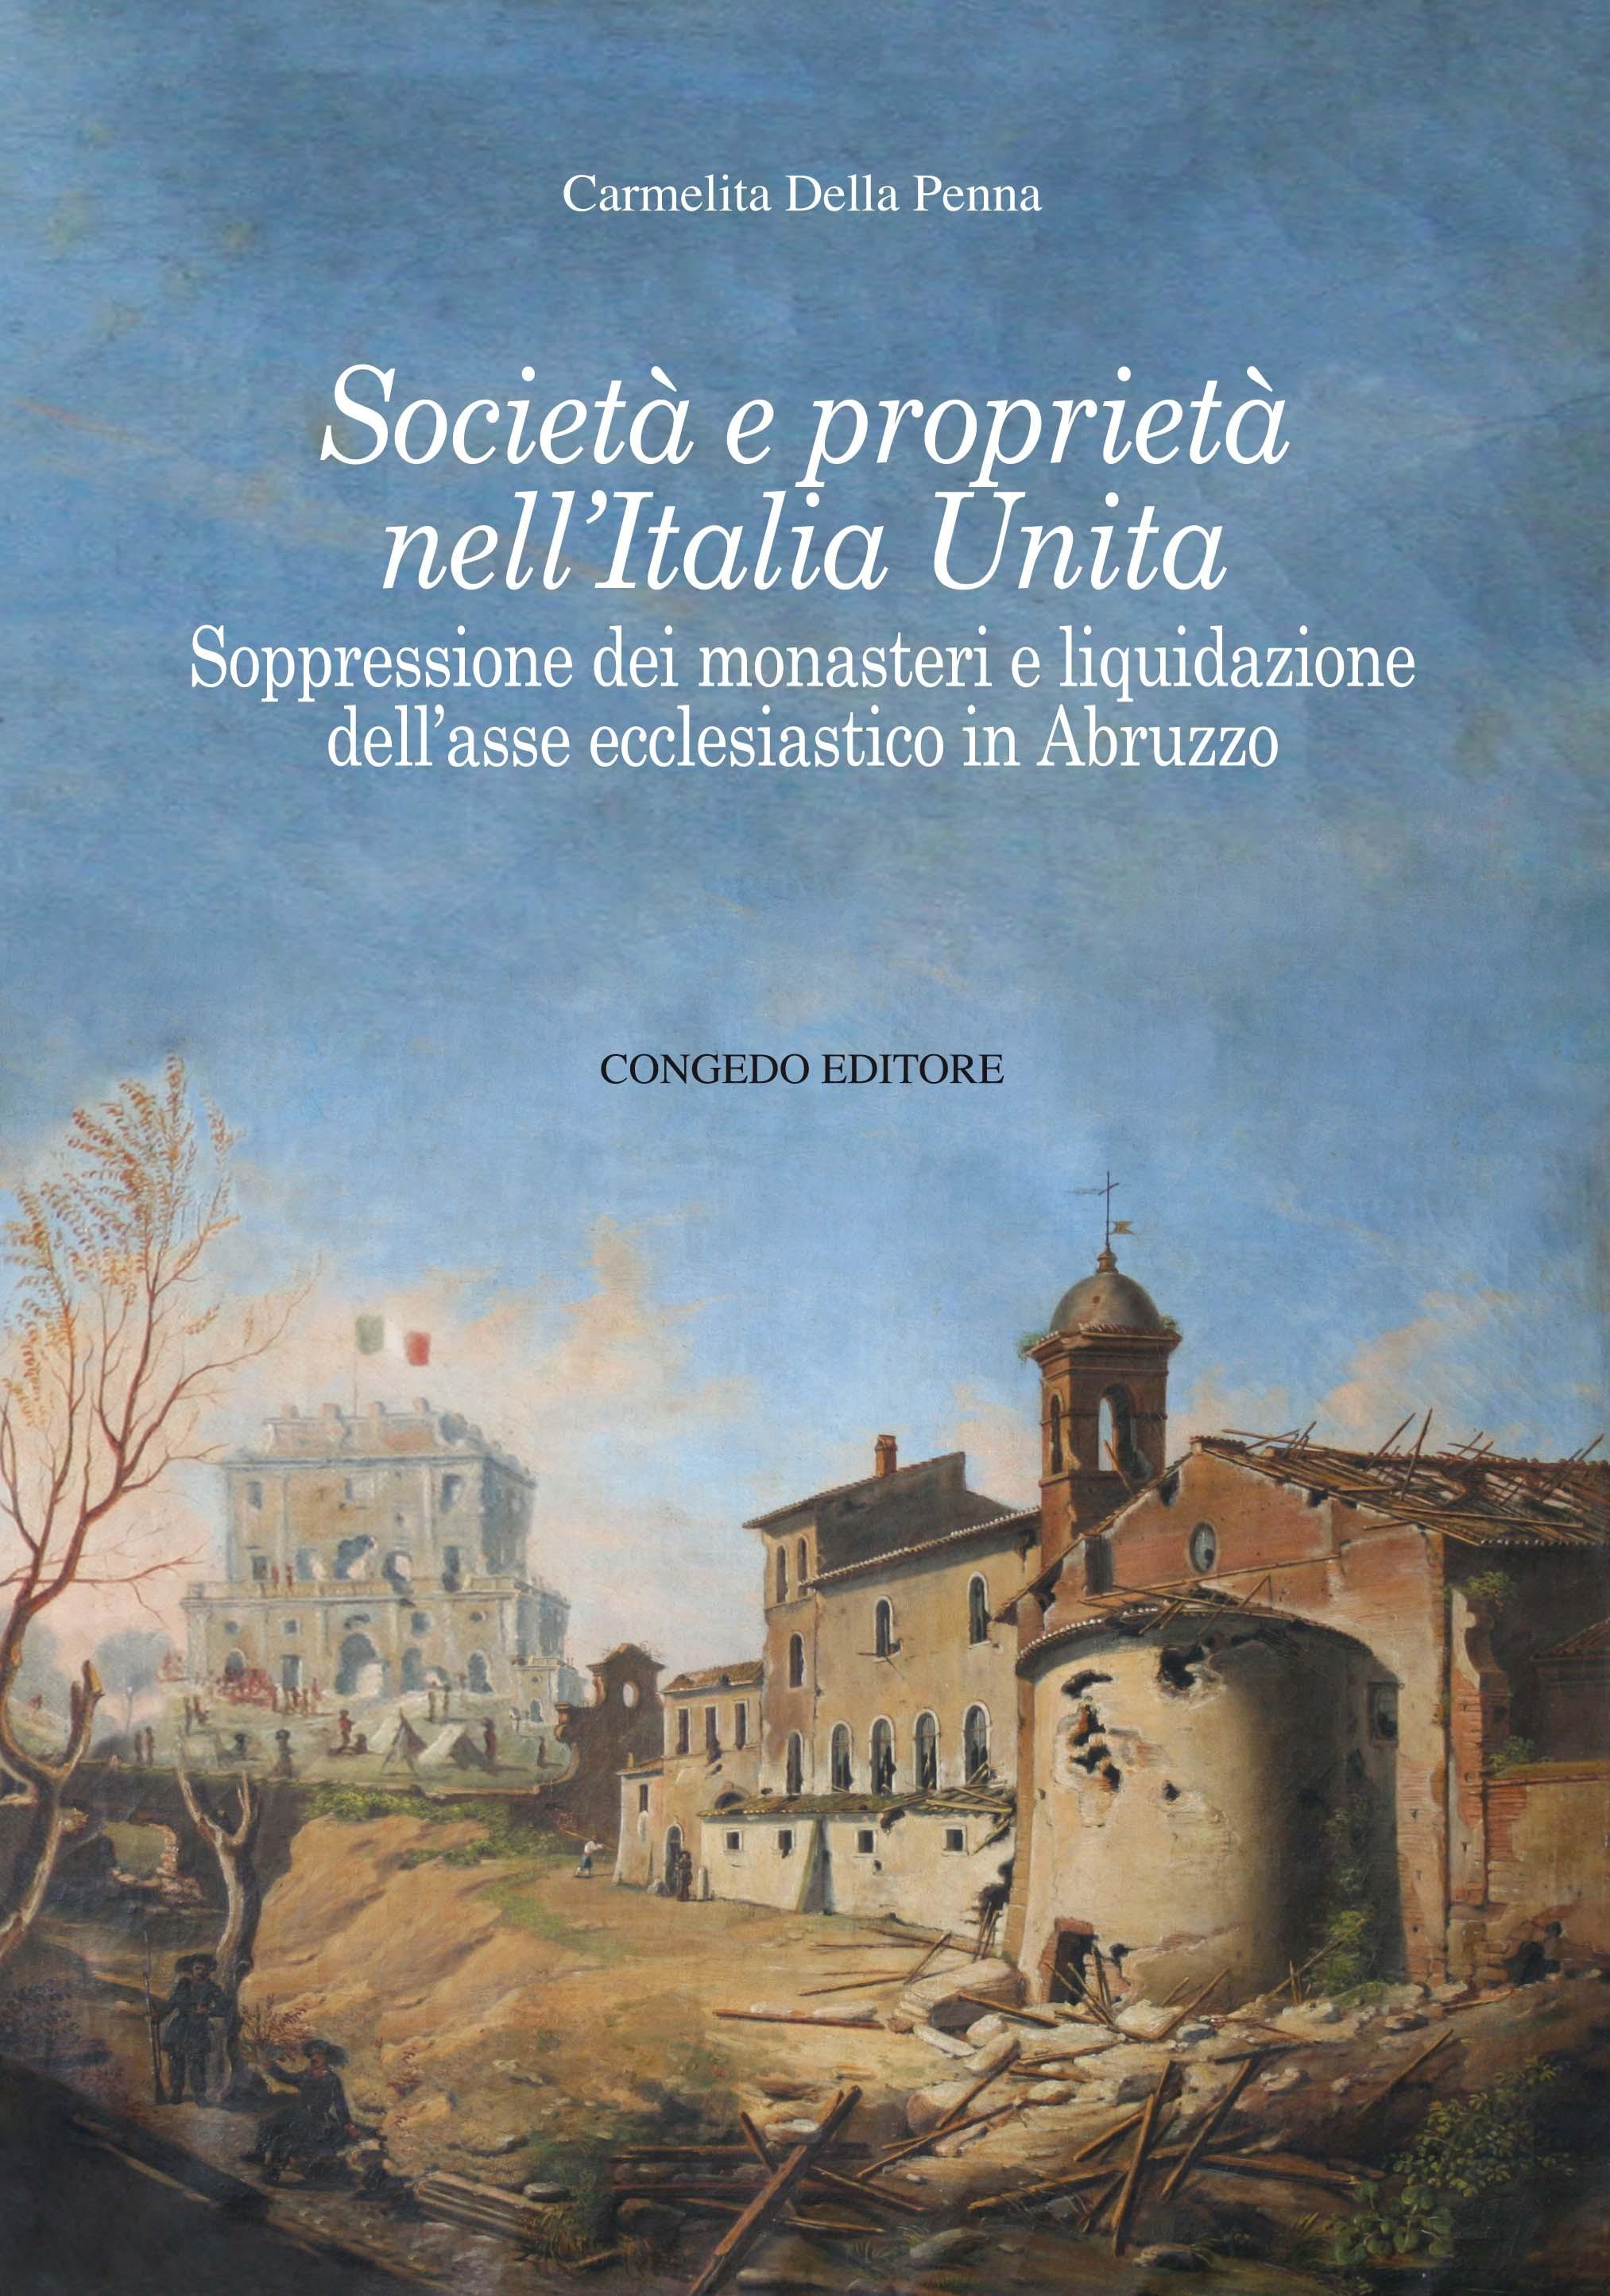 Società e proprietà nell'Italia Unita. Soppressione dei monasteri e liquidazione dell'asse ecclesiastico in Abruzzo.